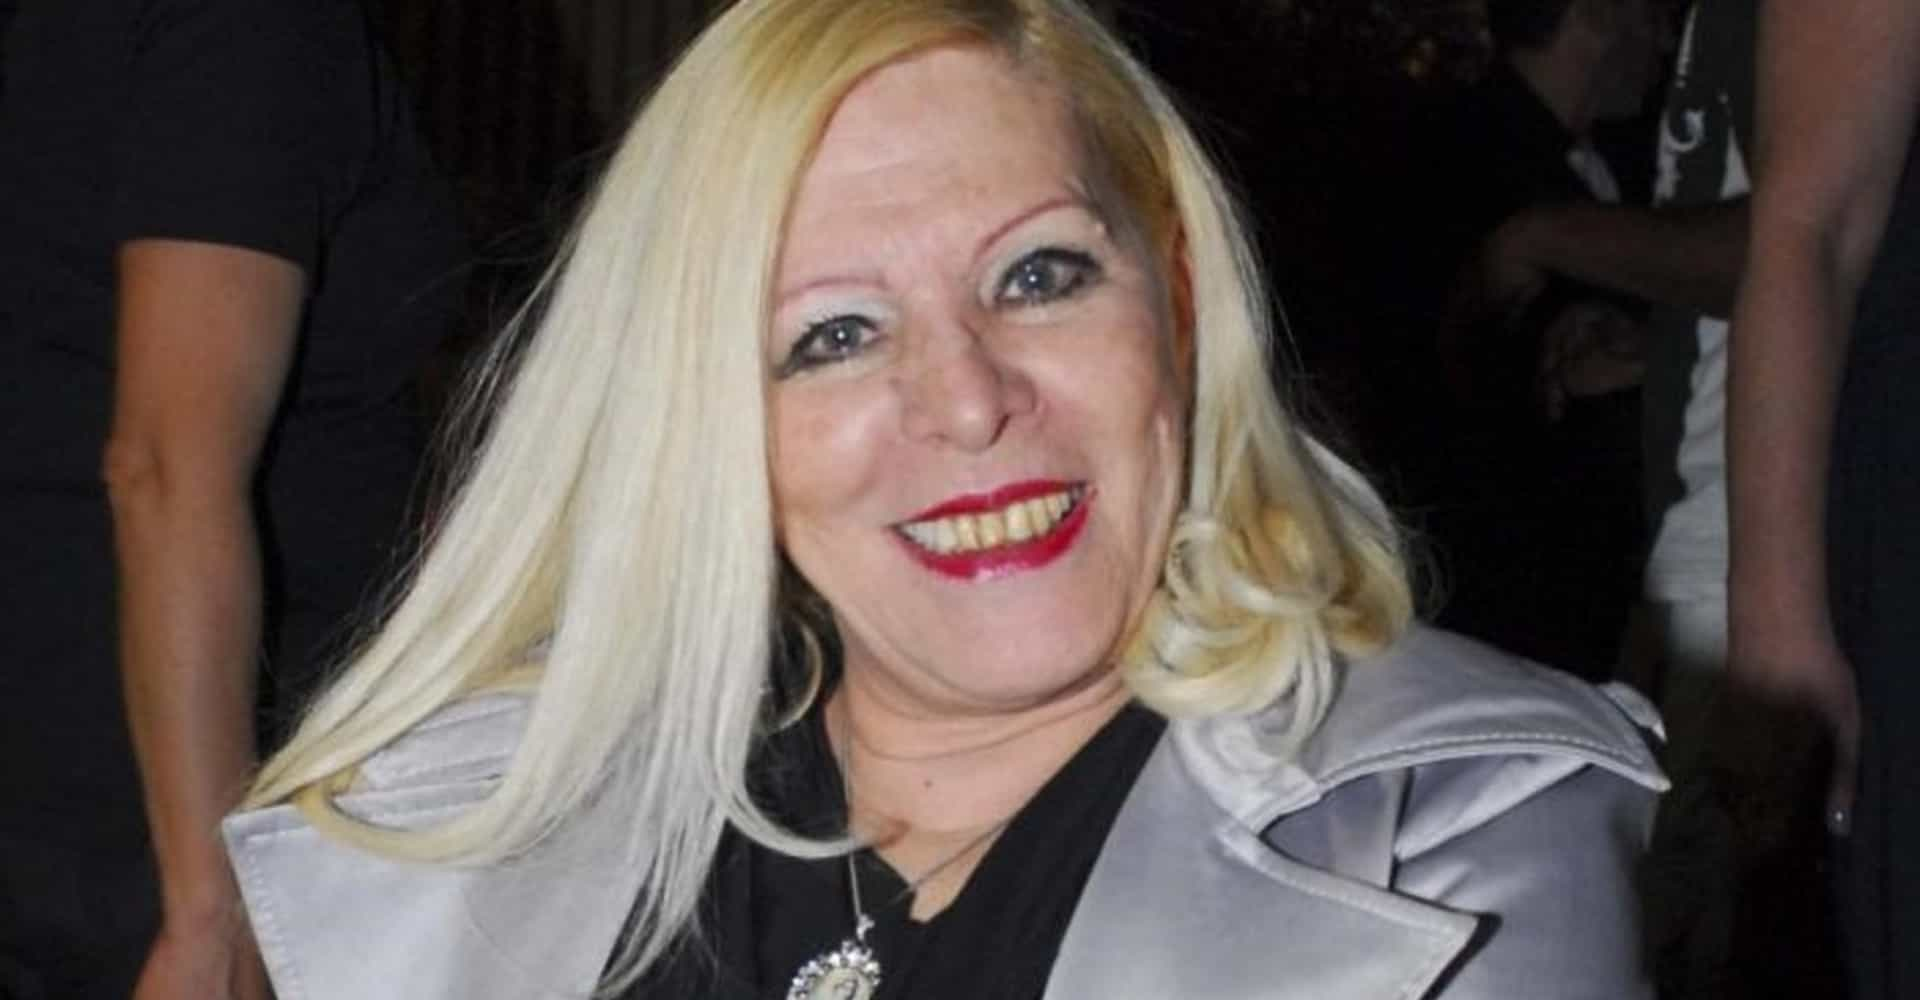 Cantora Vanusa está internada em clínica de reabilitação há nove meses